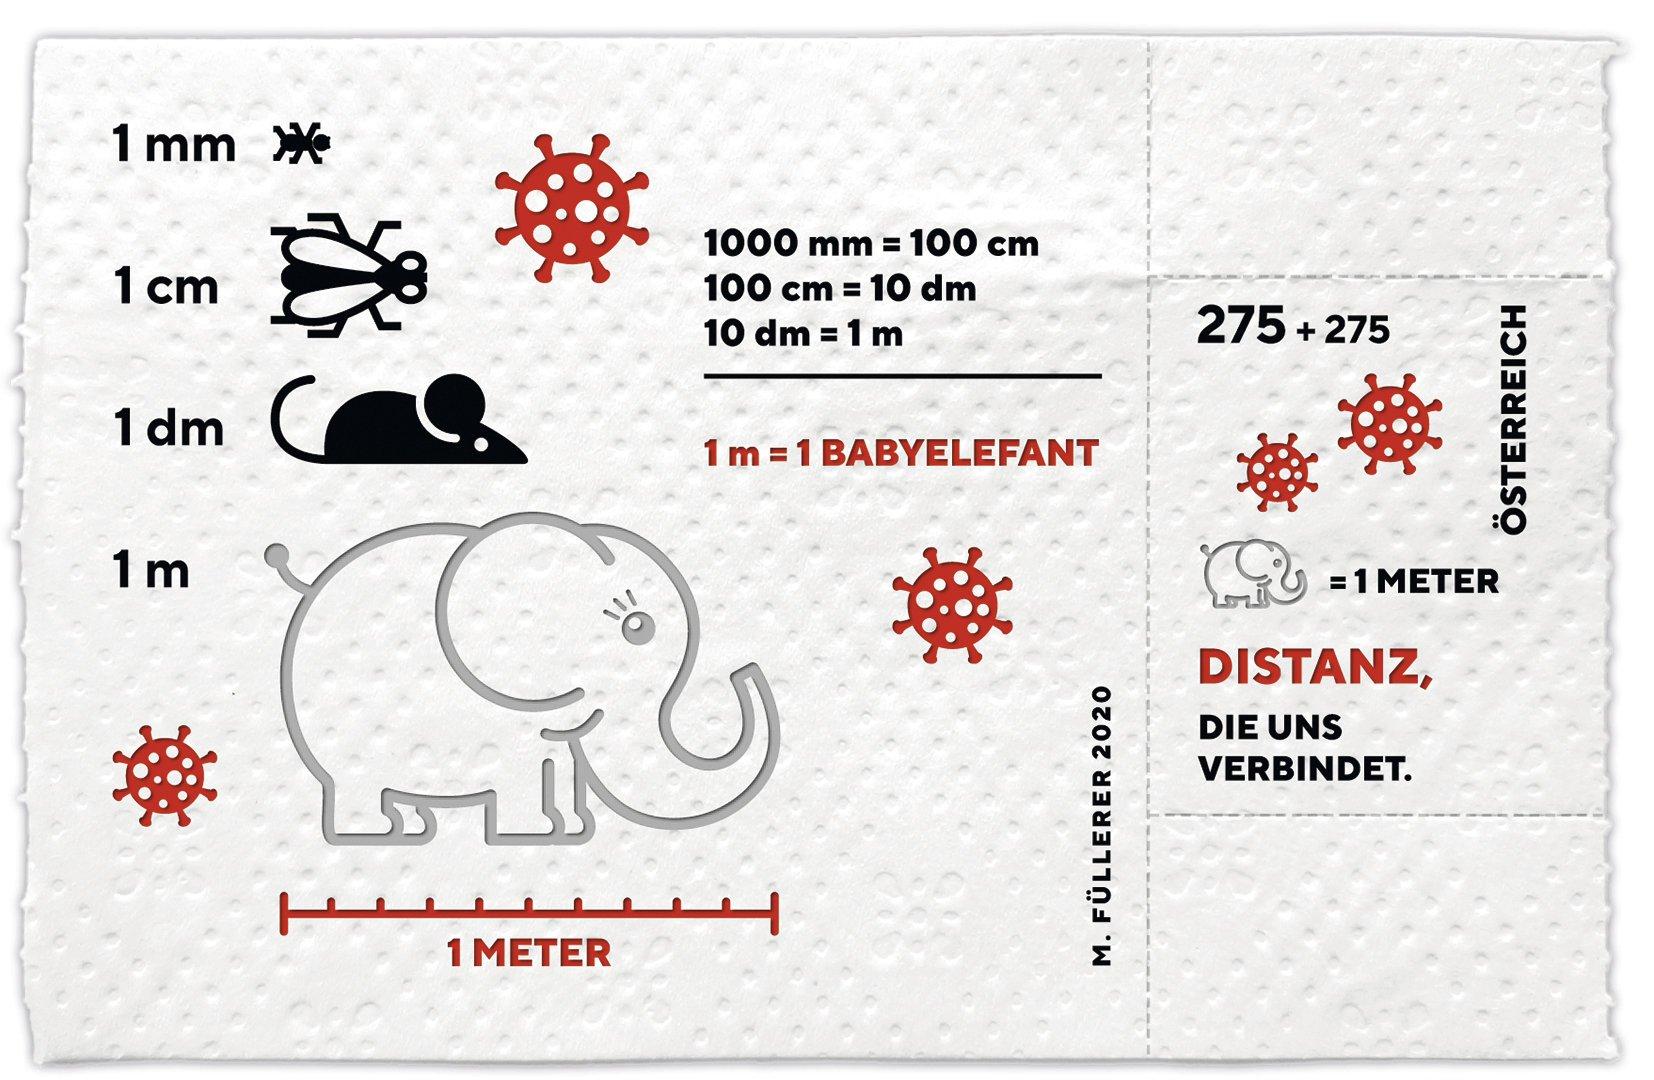 Австрія випустила марку на туалетному папері на згадку про коронавірус